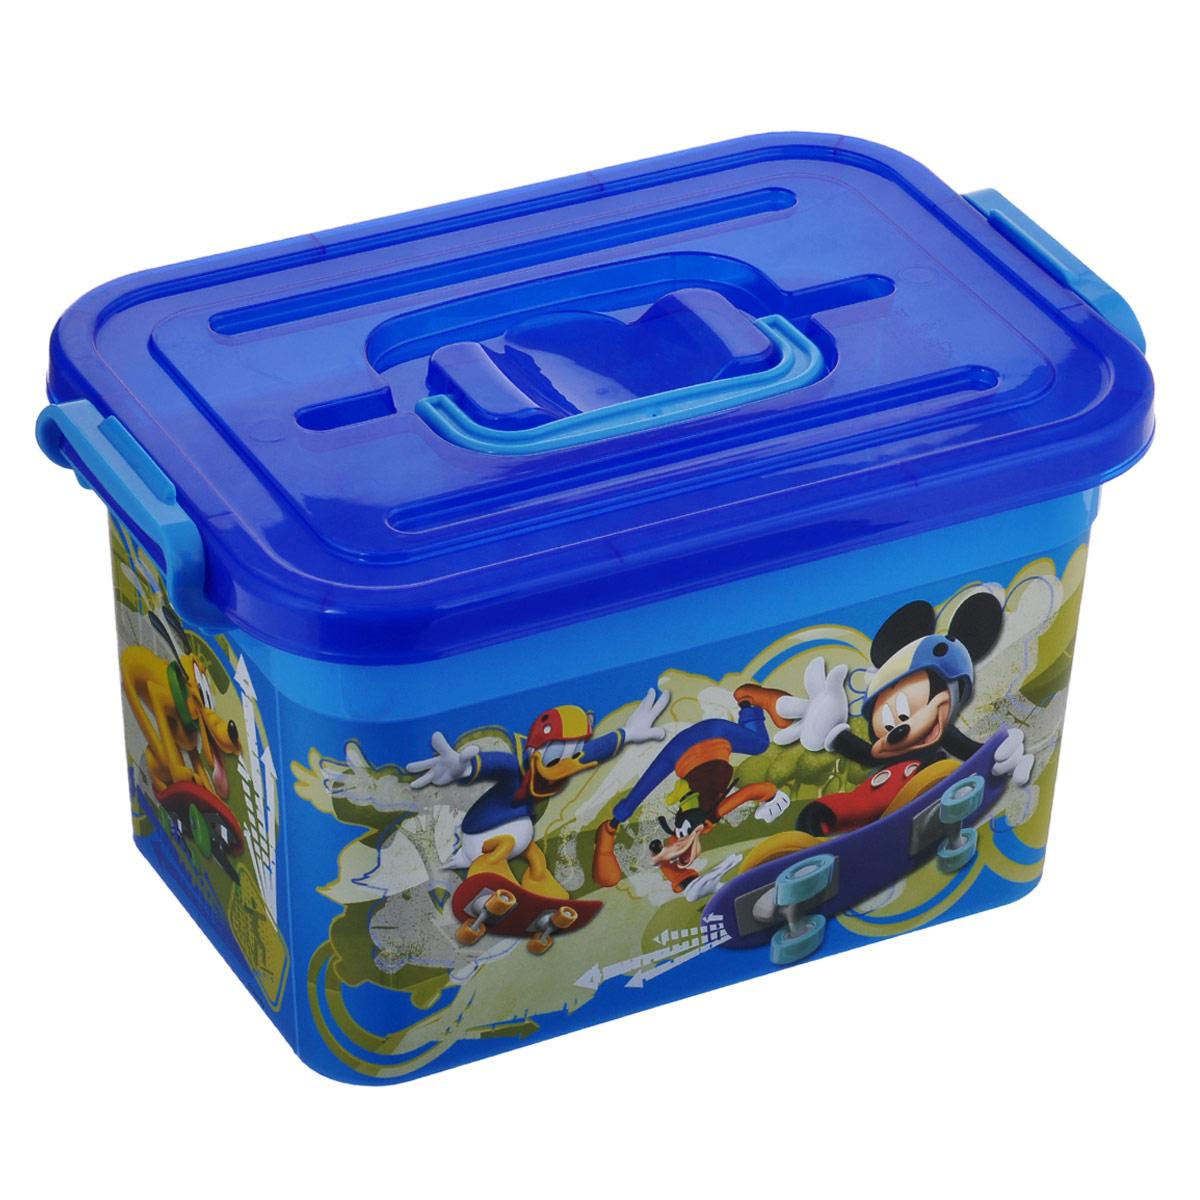 Ящик для игрушек Полимербыт Микки Маус, цвет: синий, 6,5 лС80955Ящик Полимербыт Микки Маус, выполненный из высококачественного пластика, предназначен для хранения детских игрушек. Декорирован изображением любимых мультипликационных героев. Закрывается ящик при помощи крепких защелок по бокам, которые не допускают случайного открывания. Для удобства переноски сверху имеется ручка.